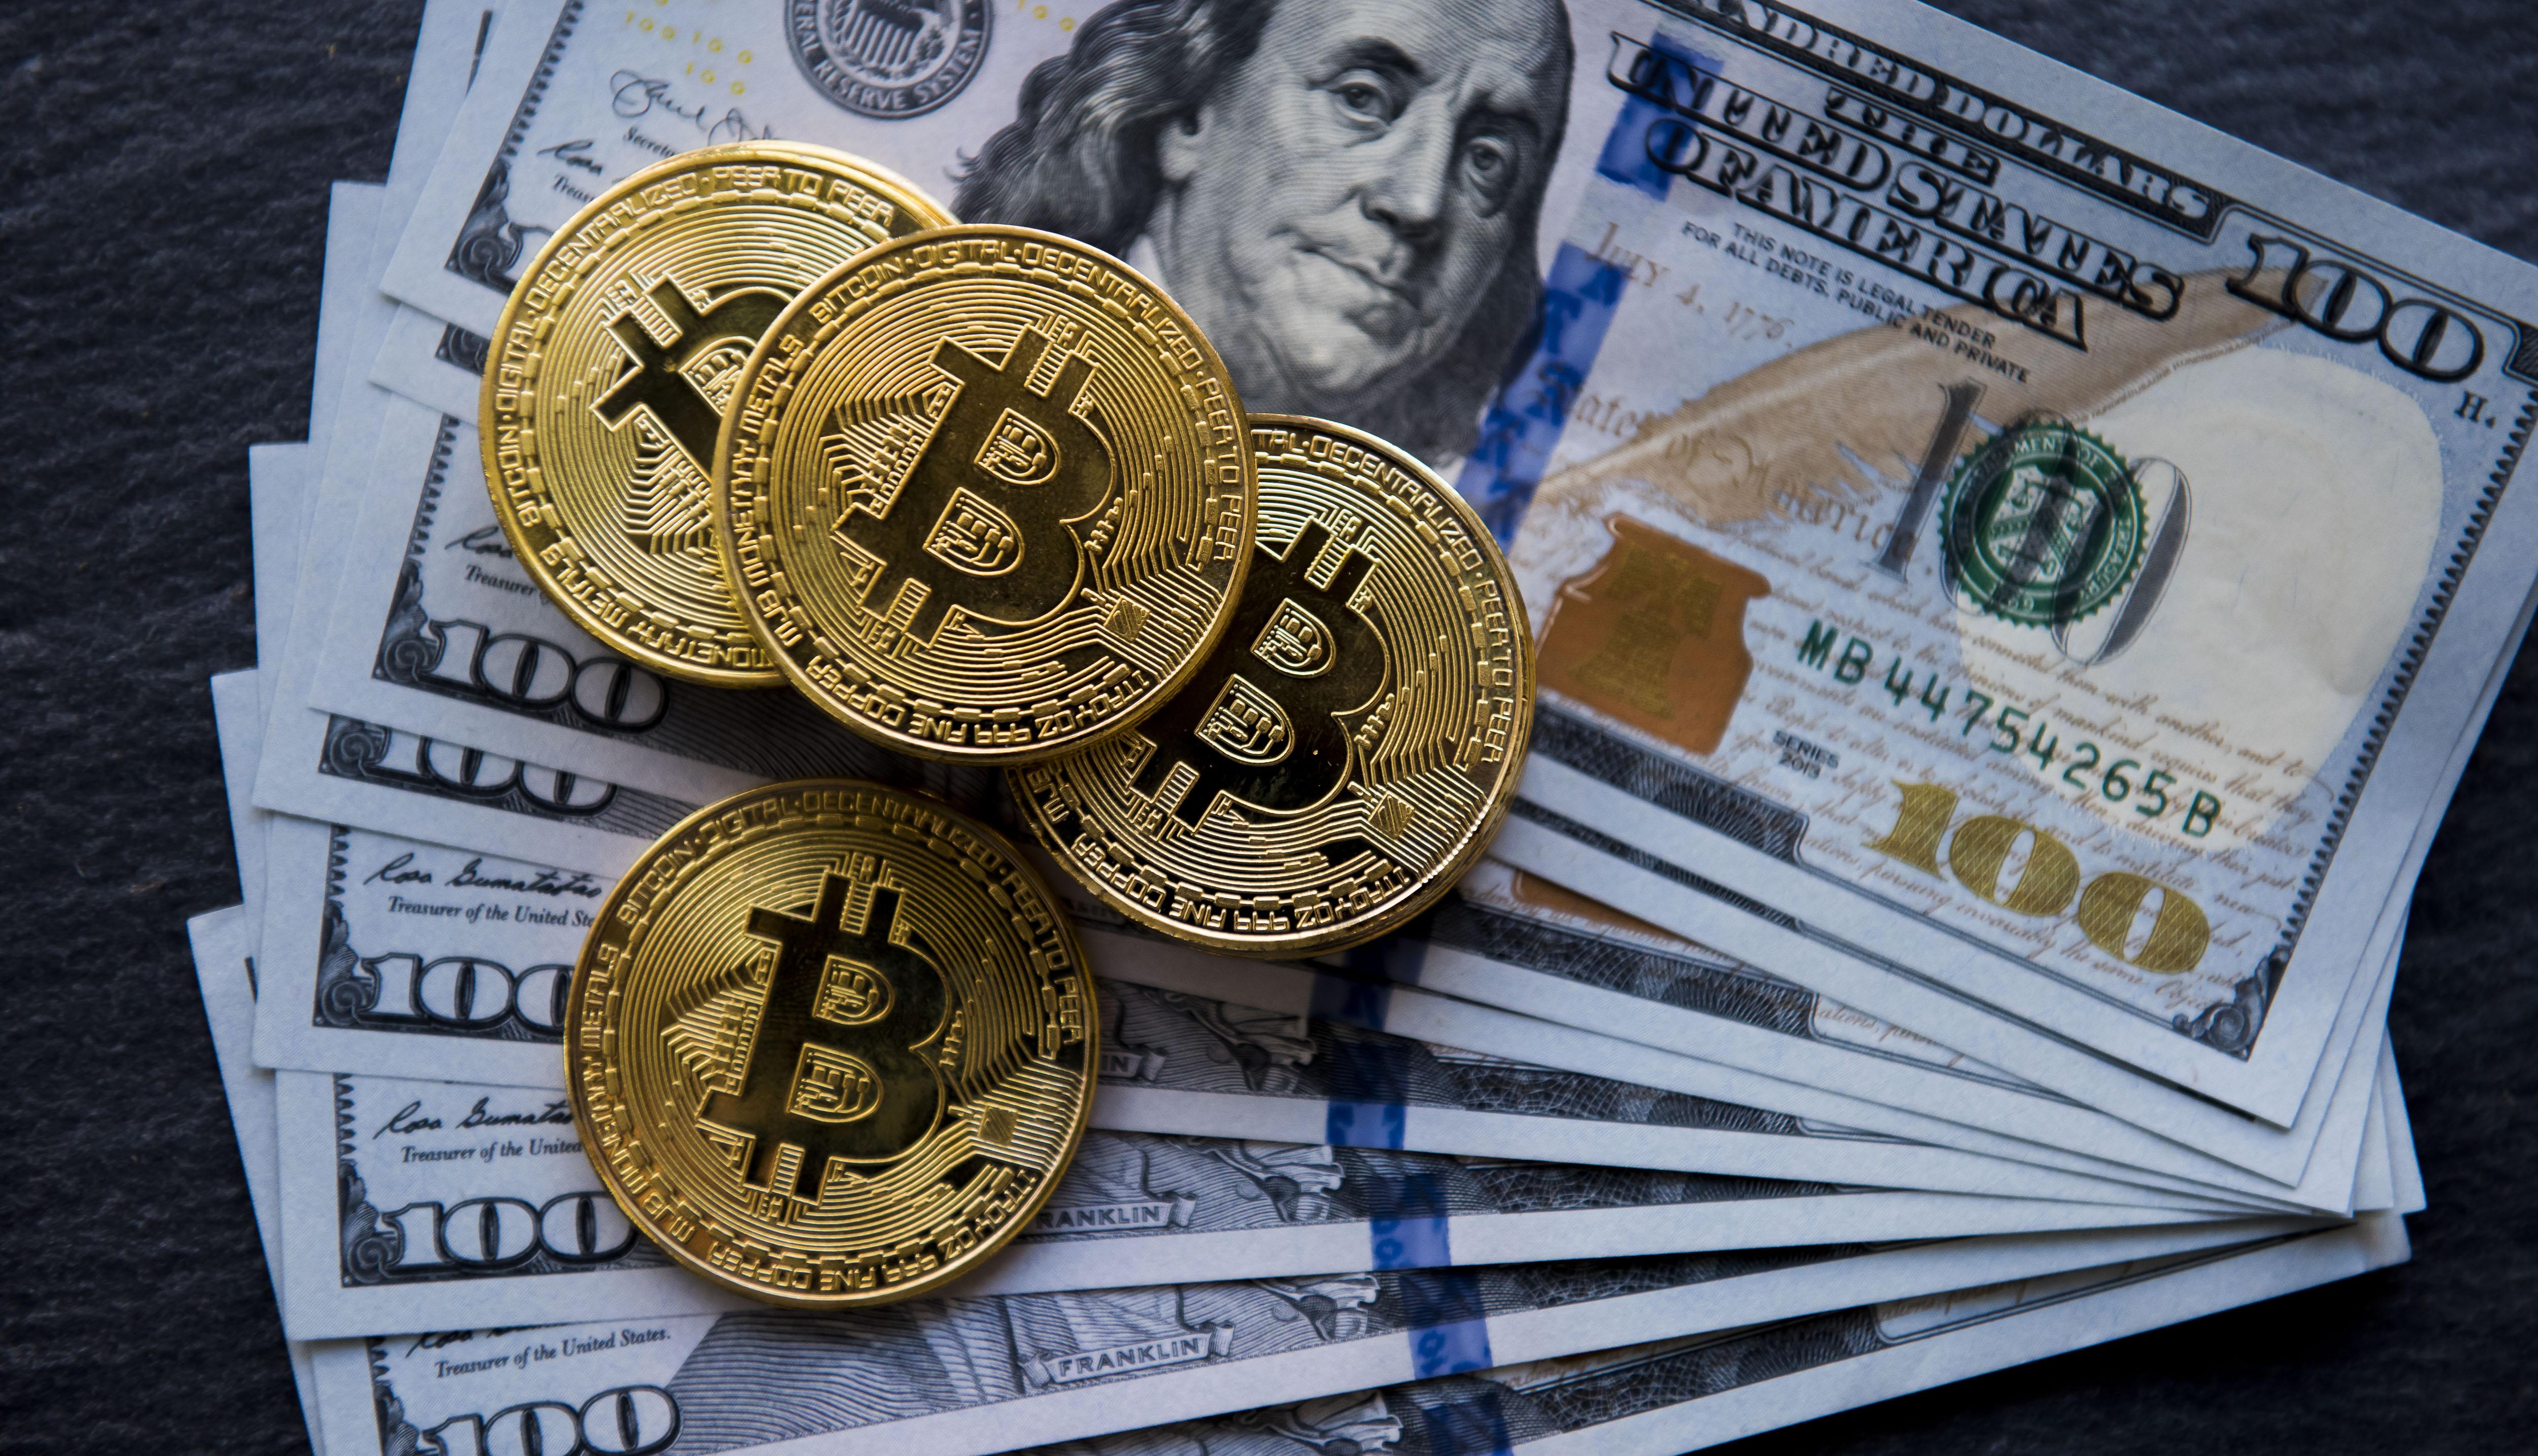 A Bitcoin készpénzára vonatkozó előrejelzés: Mennyit ér a Bitcoin készpénz 2021-ben és azon túl?